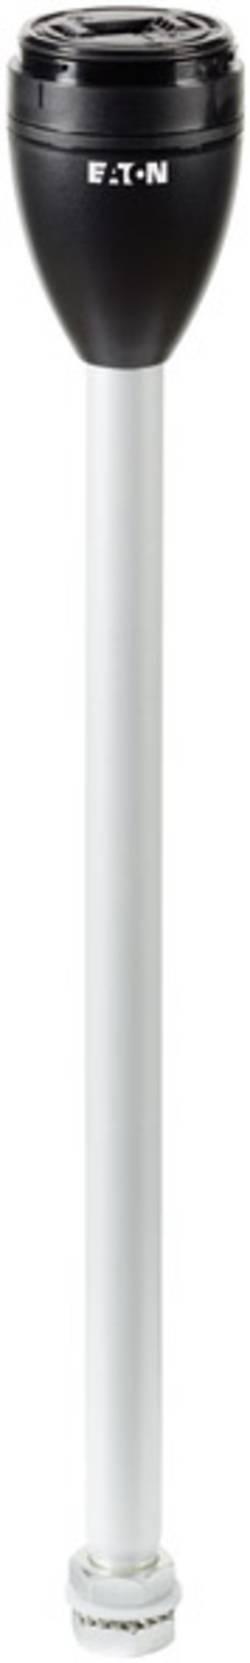 Tube en aluminium pour colonnes de signalisation Eaton SL7-CB-T-400 171454 1 pc(s)